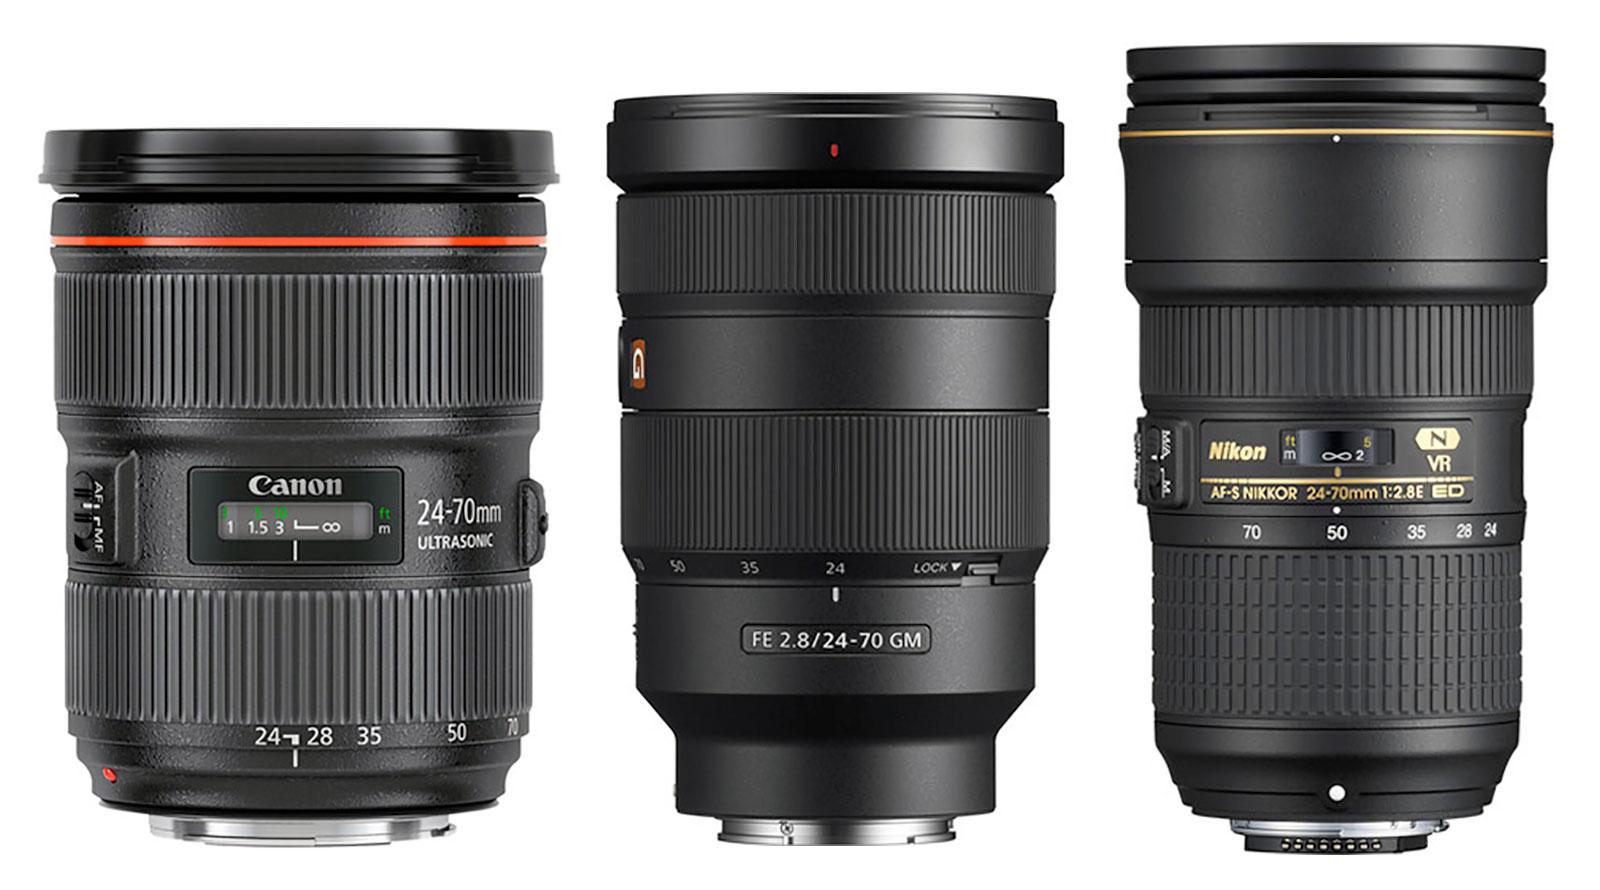 24-70mm F2.8 Zoom Lenses